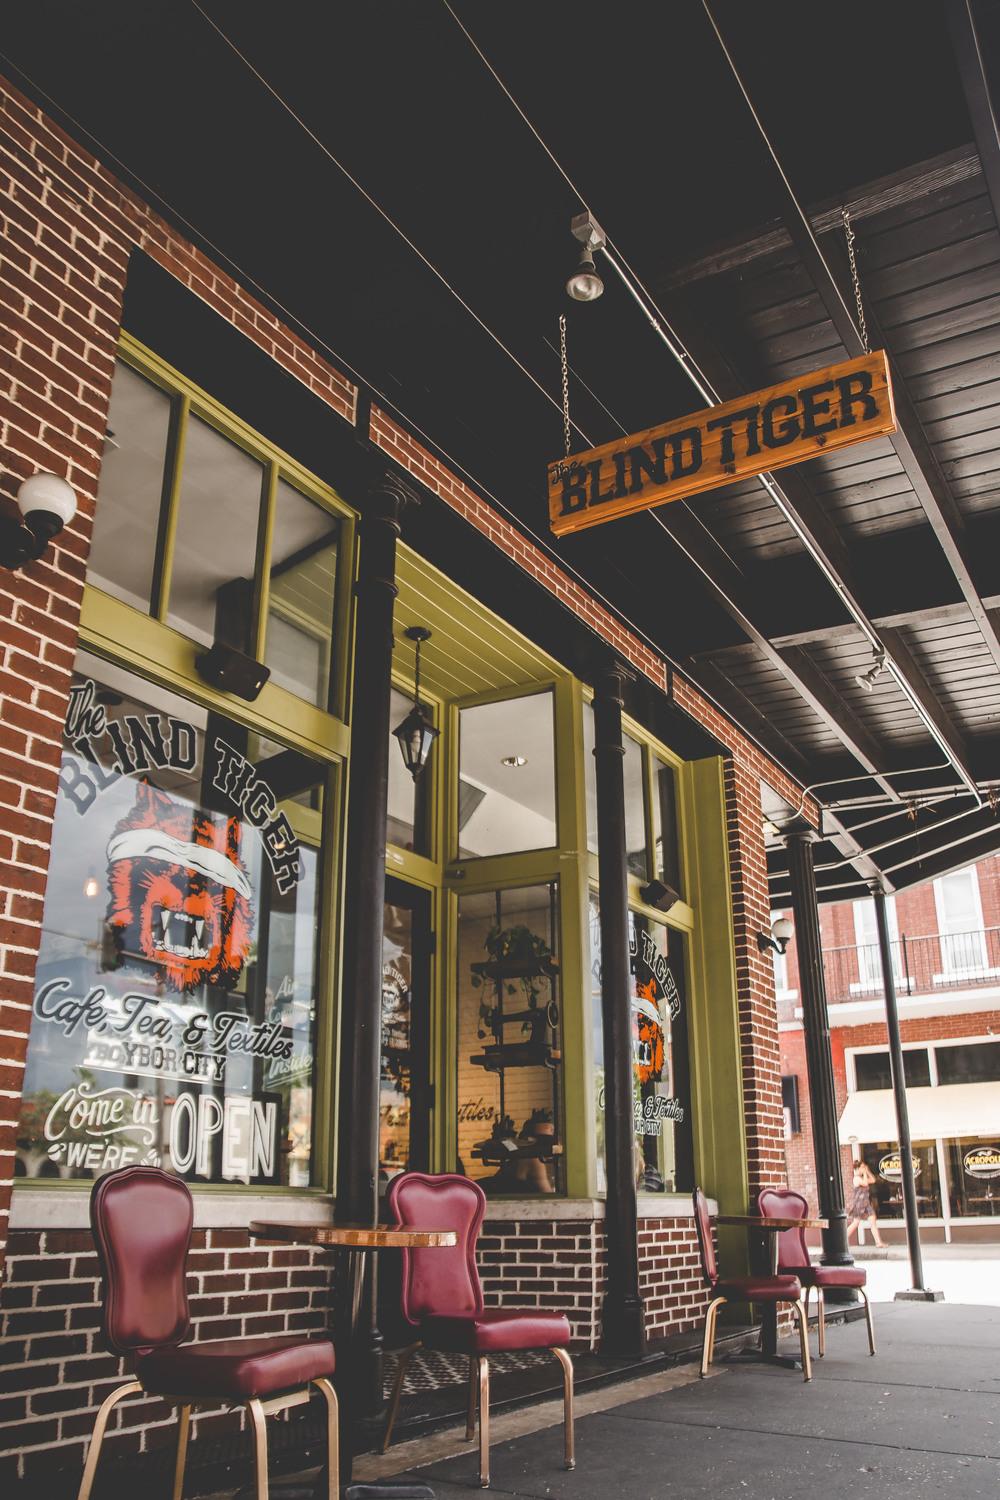 blind tiger cafe ybor city